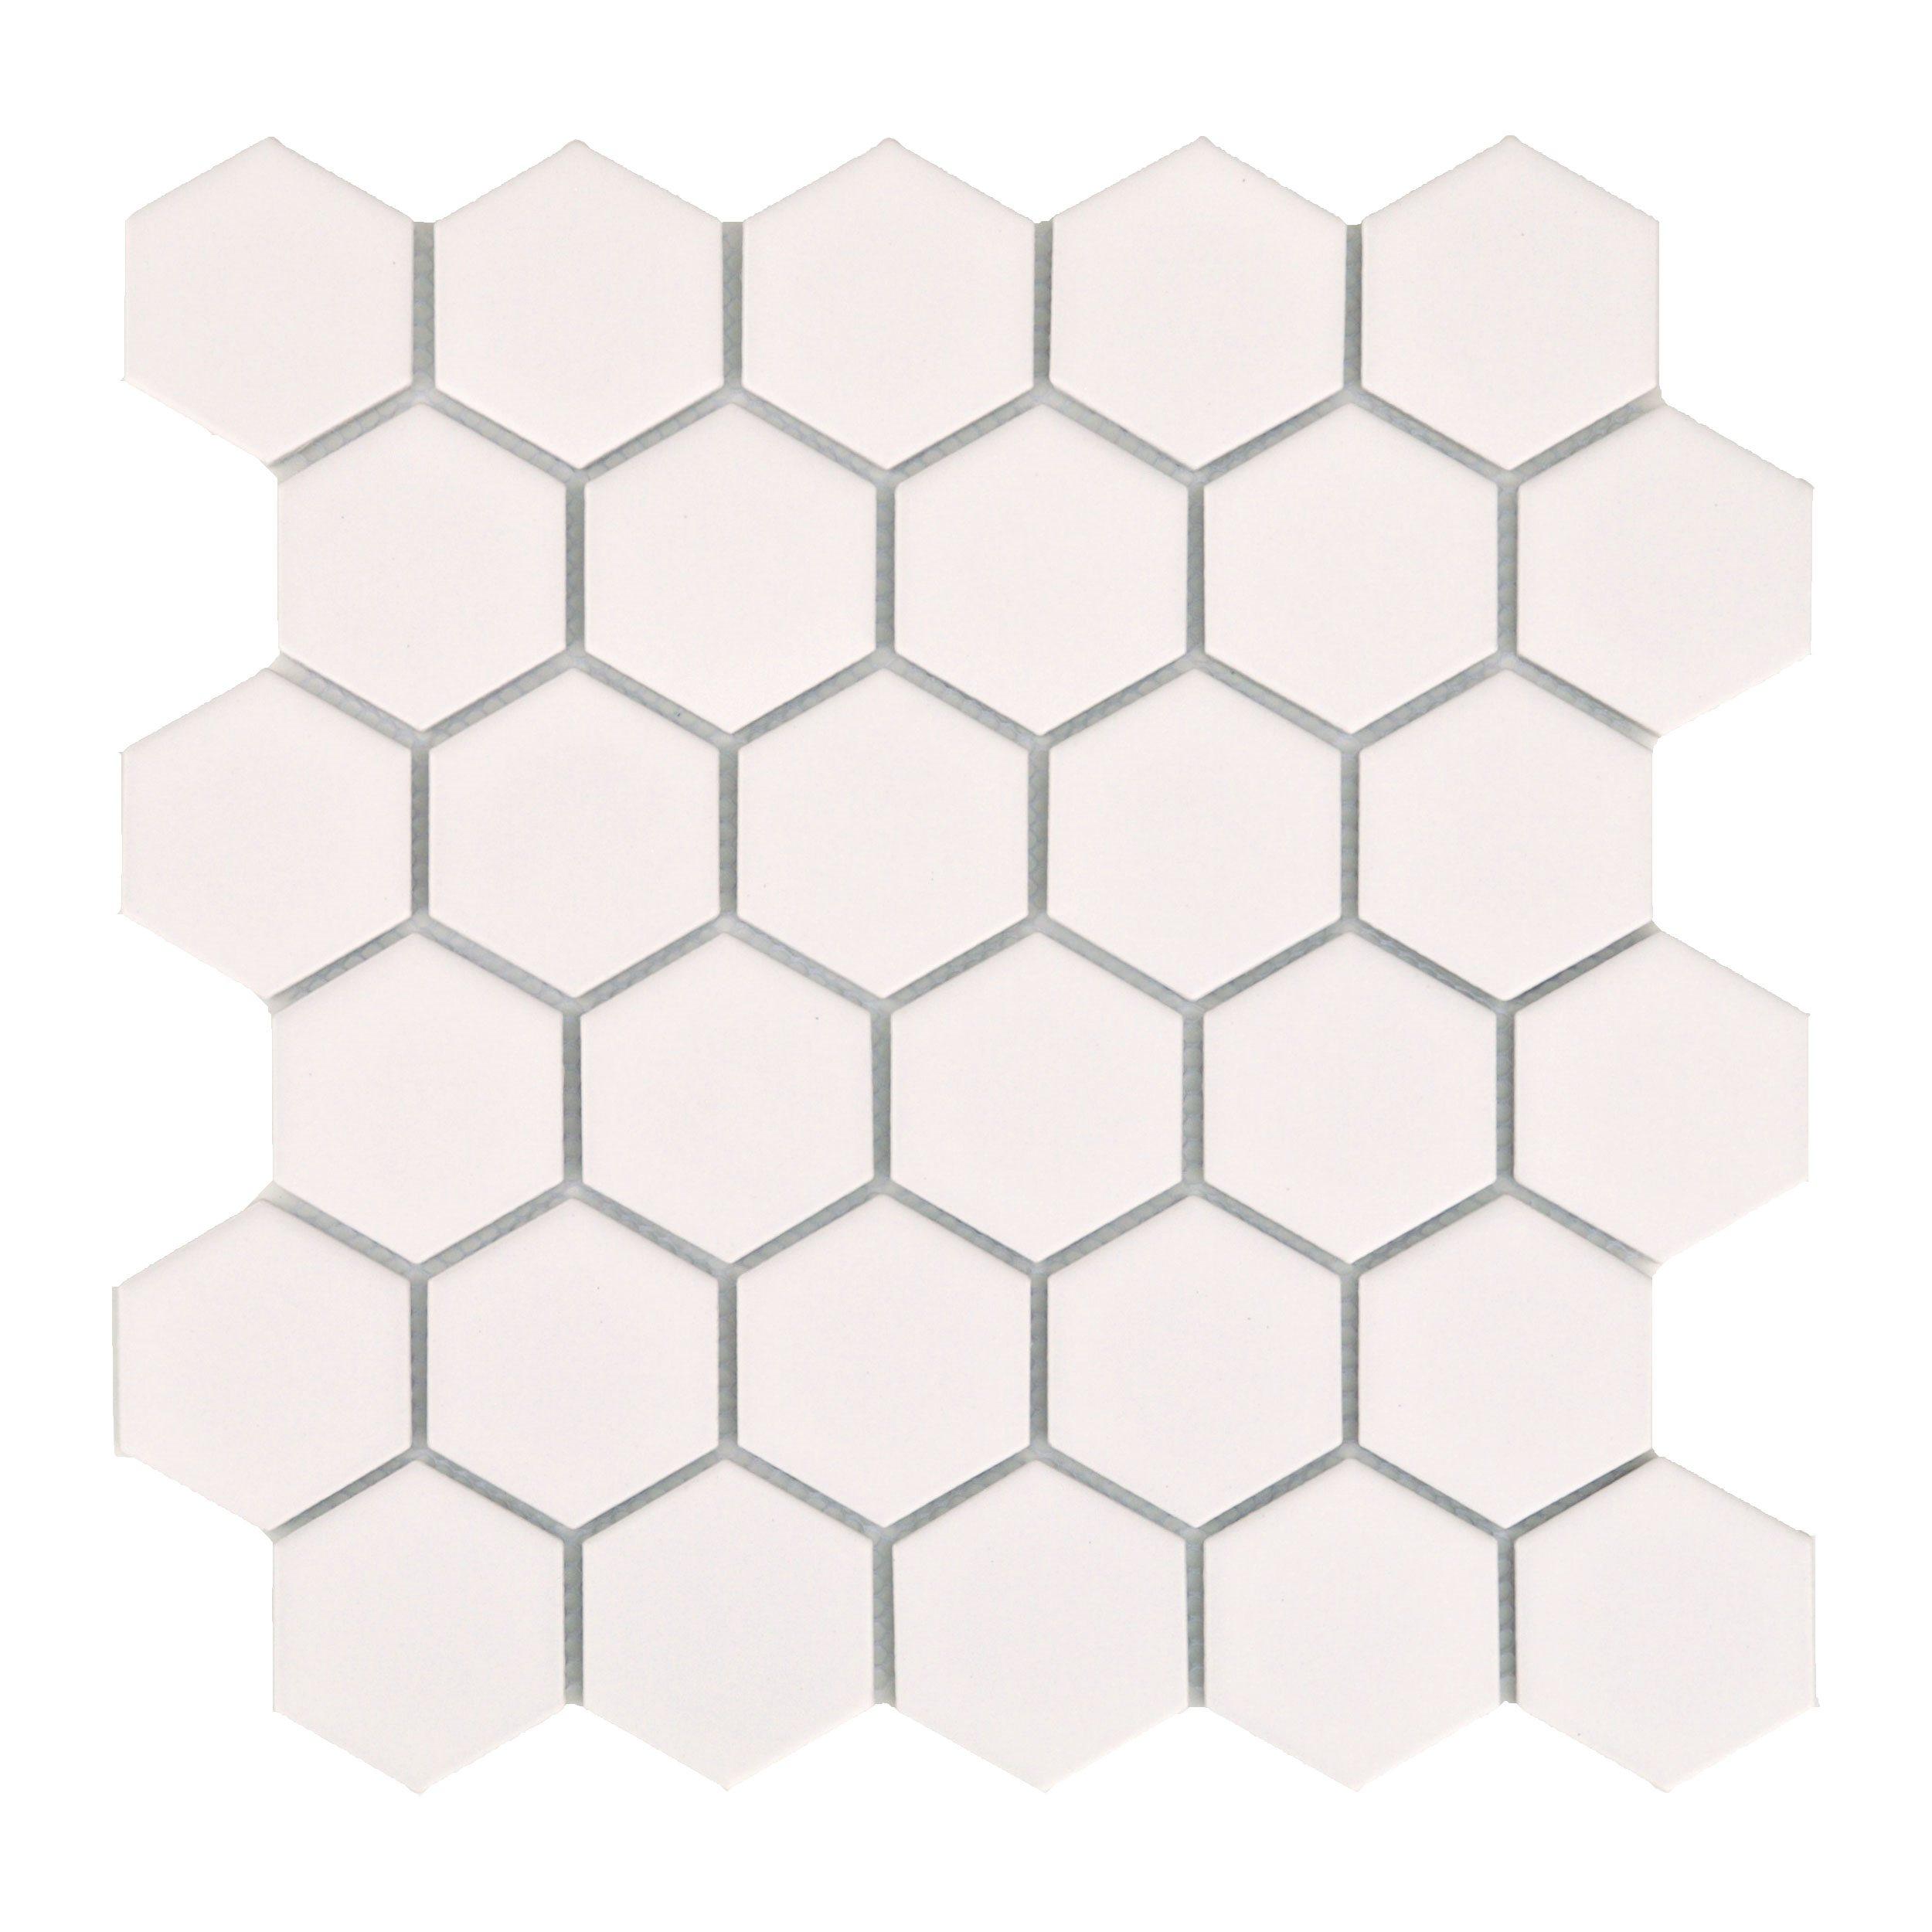 Mini tomette hexagonale blanche mat en grès cérame 27x28 cm HEXAGONO BLANCO - unité - zoom